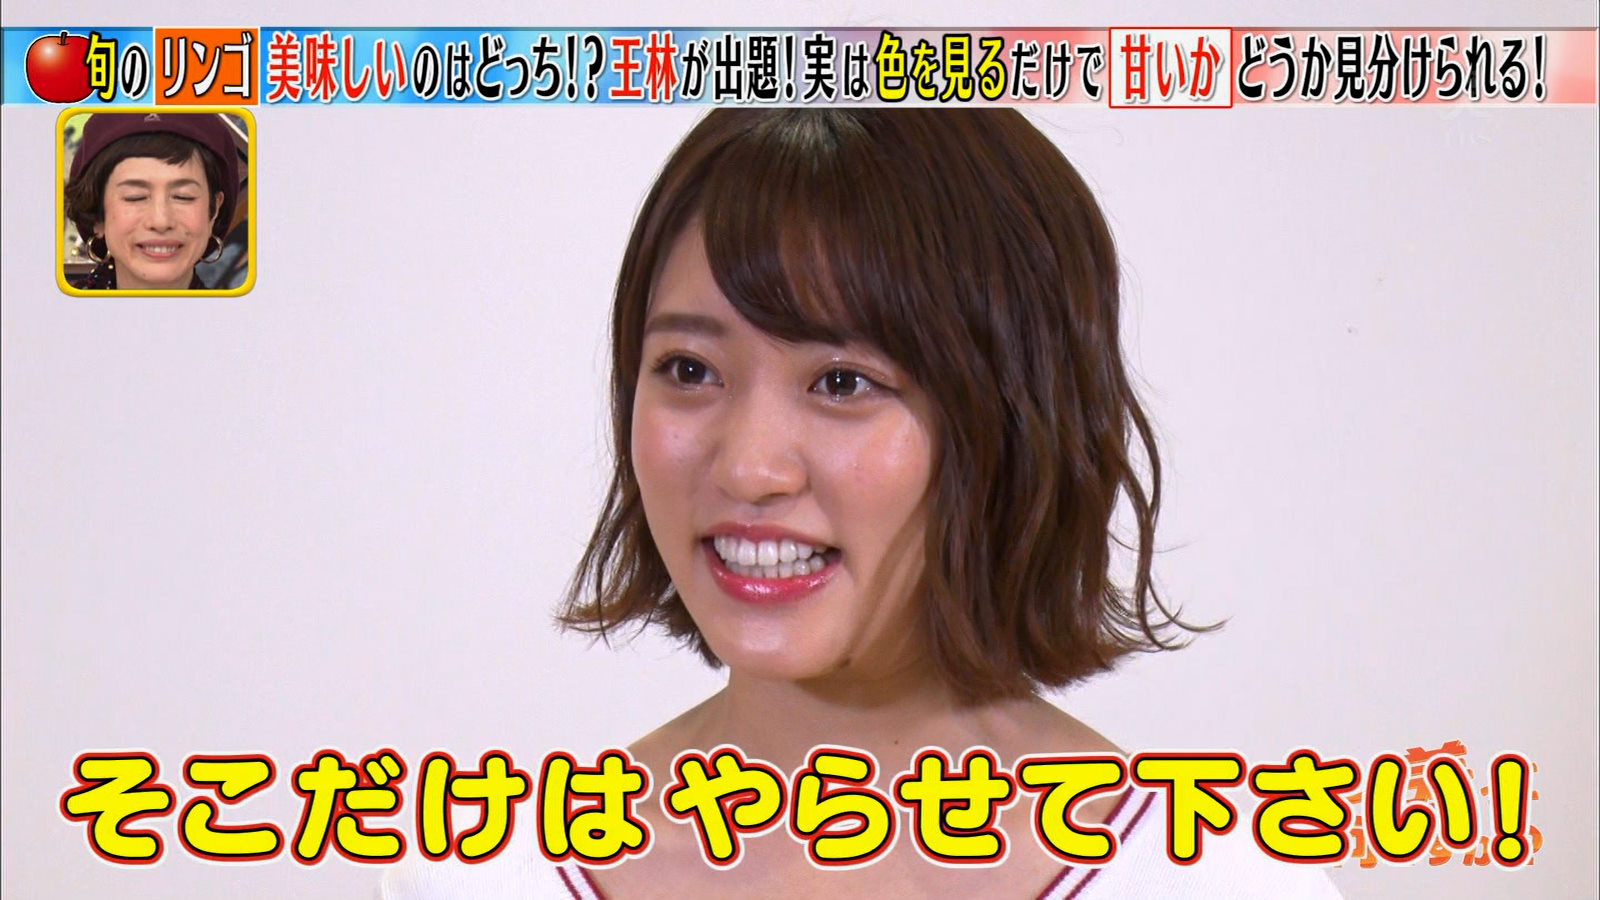 王林_おっぱい_横乳_テレビキャプ画像_04